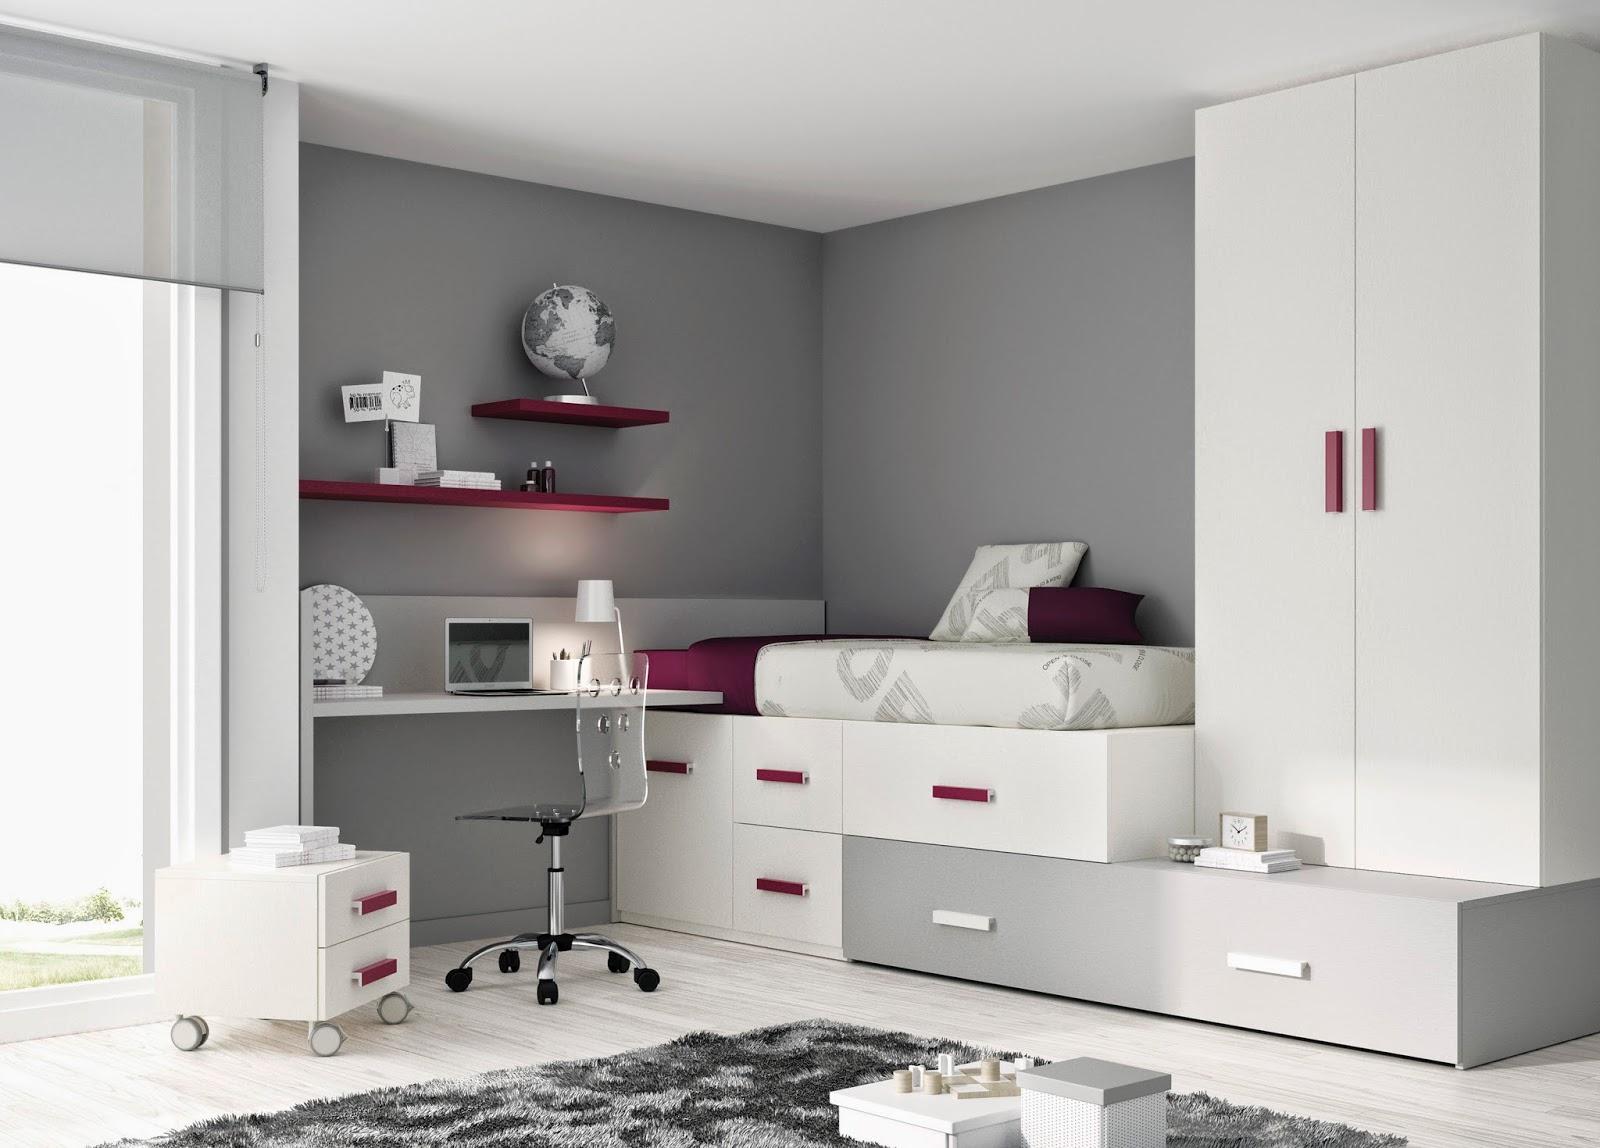 camerette per ragazzi con blocks di mobili ros - - Camerette Per Giovani